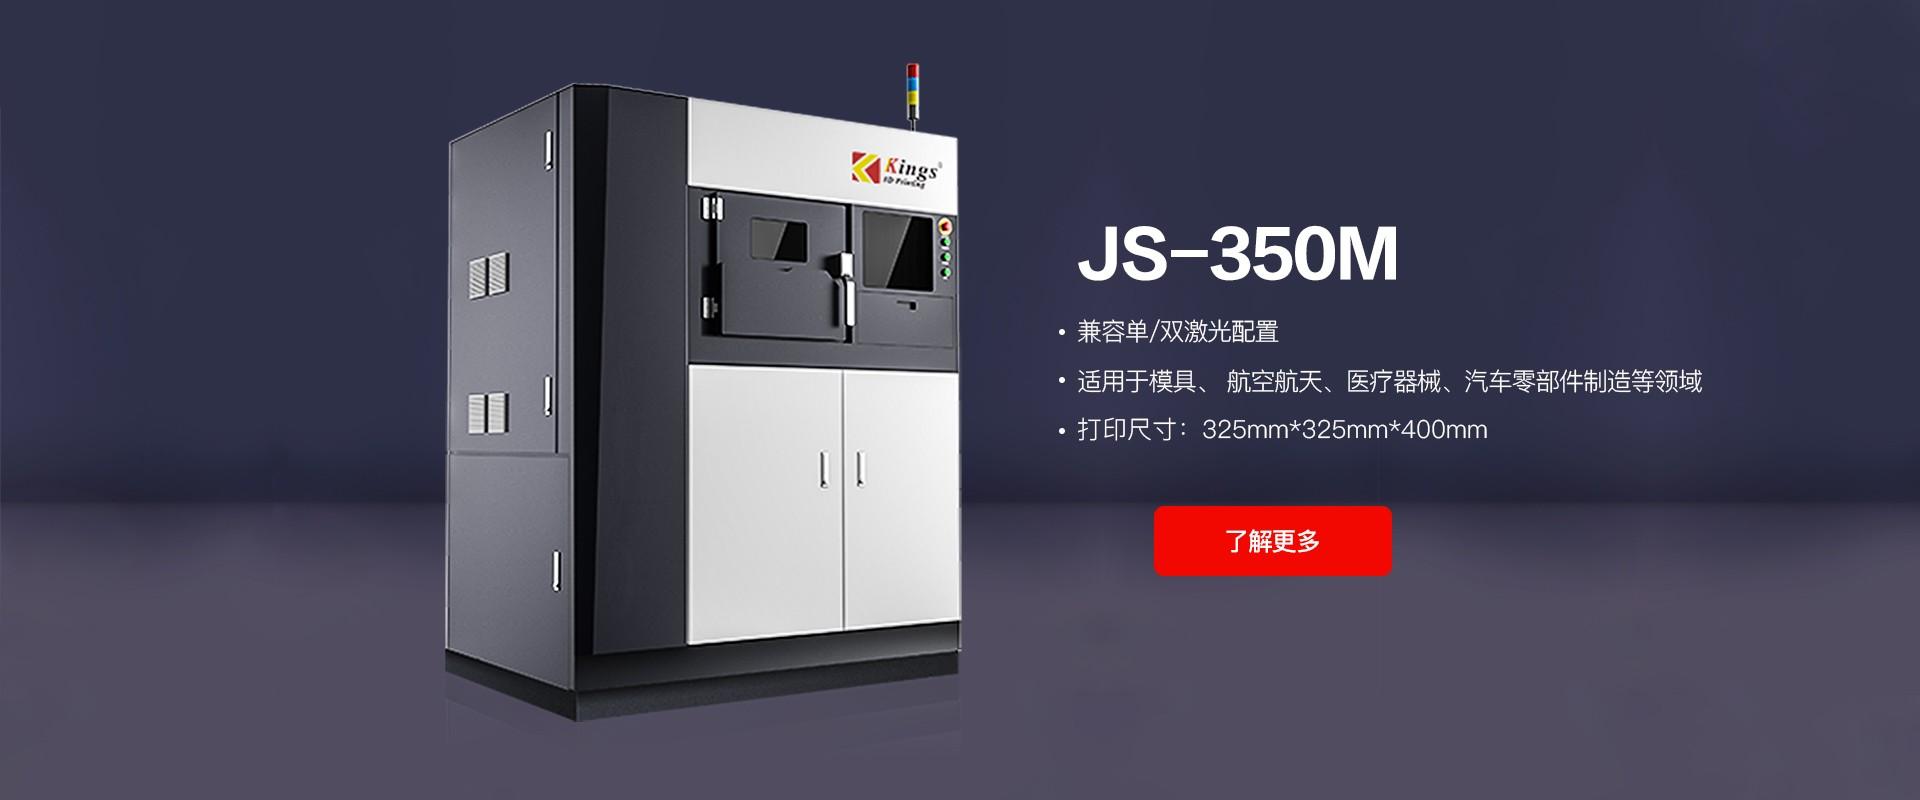 JS-350M